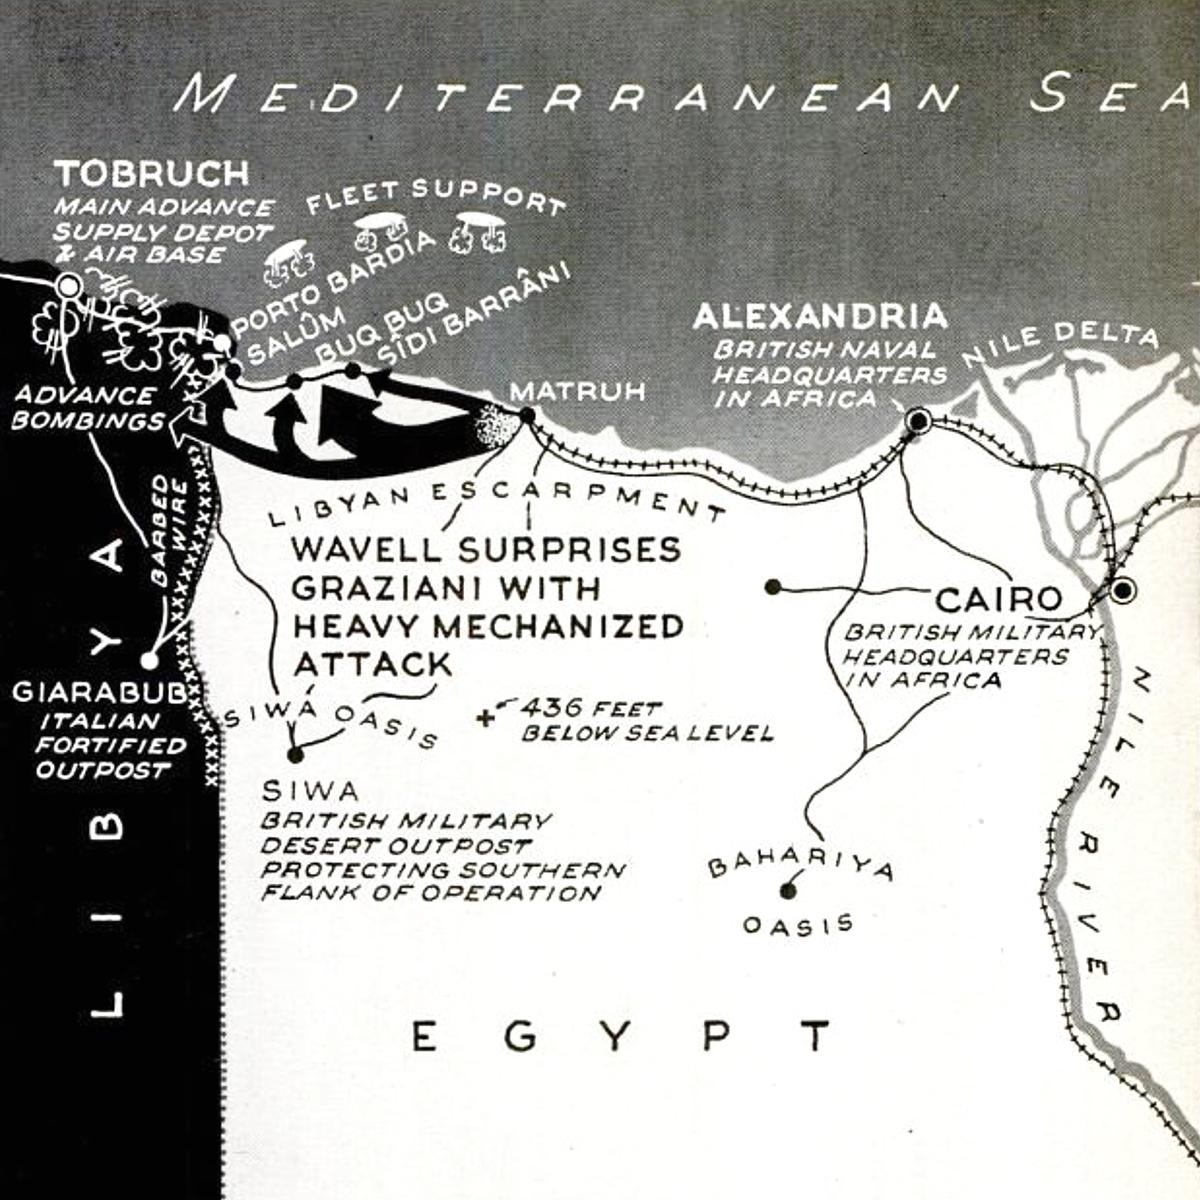 British invasion Libya map